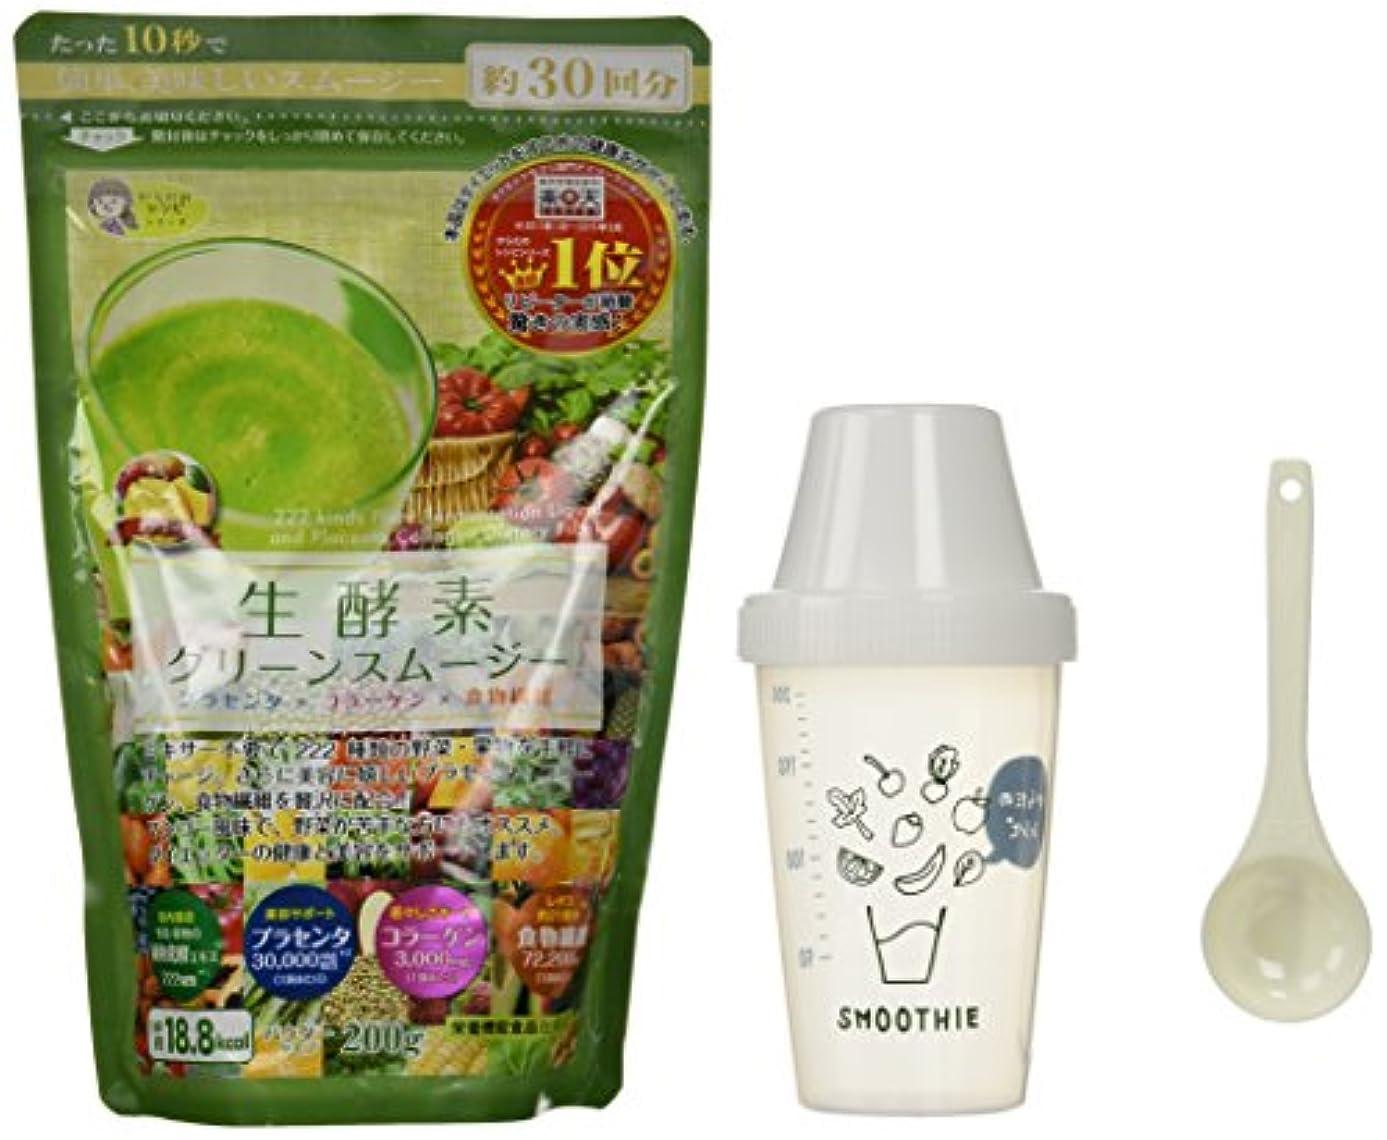 舗装する飲料使役GypsophilA(ジプソフィラ) 生酵素グリーンスムージー 200g